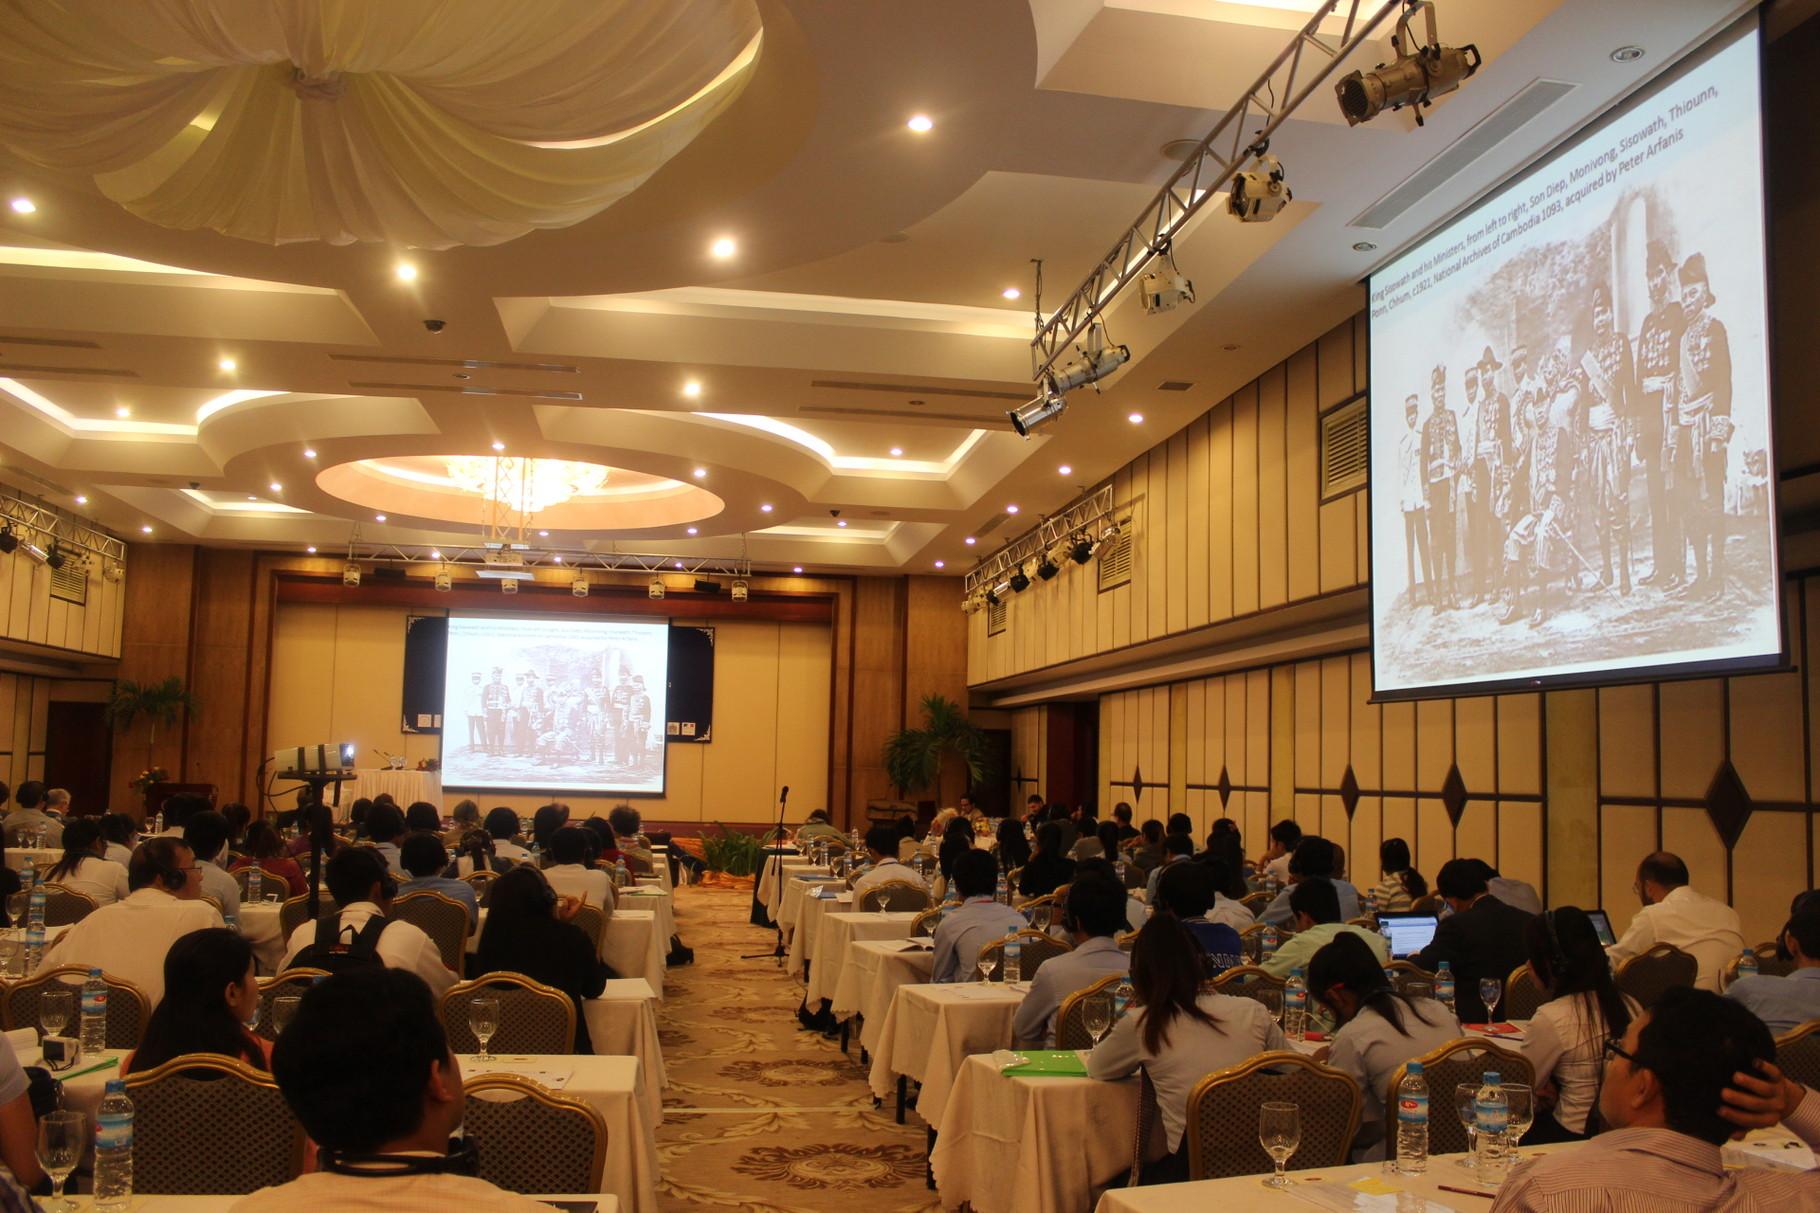 Une présentation, Colloque international sur le Cambodge, Hôtel Phnom Penh, 15-17 décembre, 2014